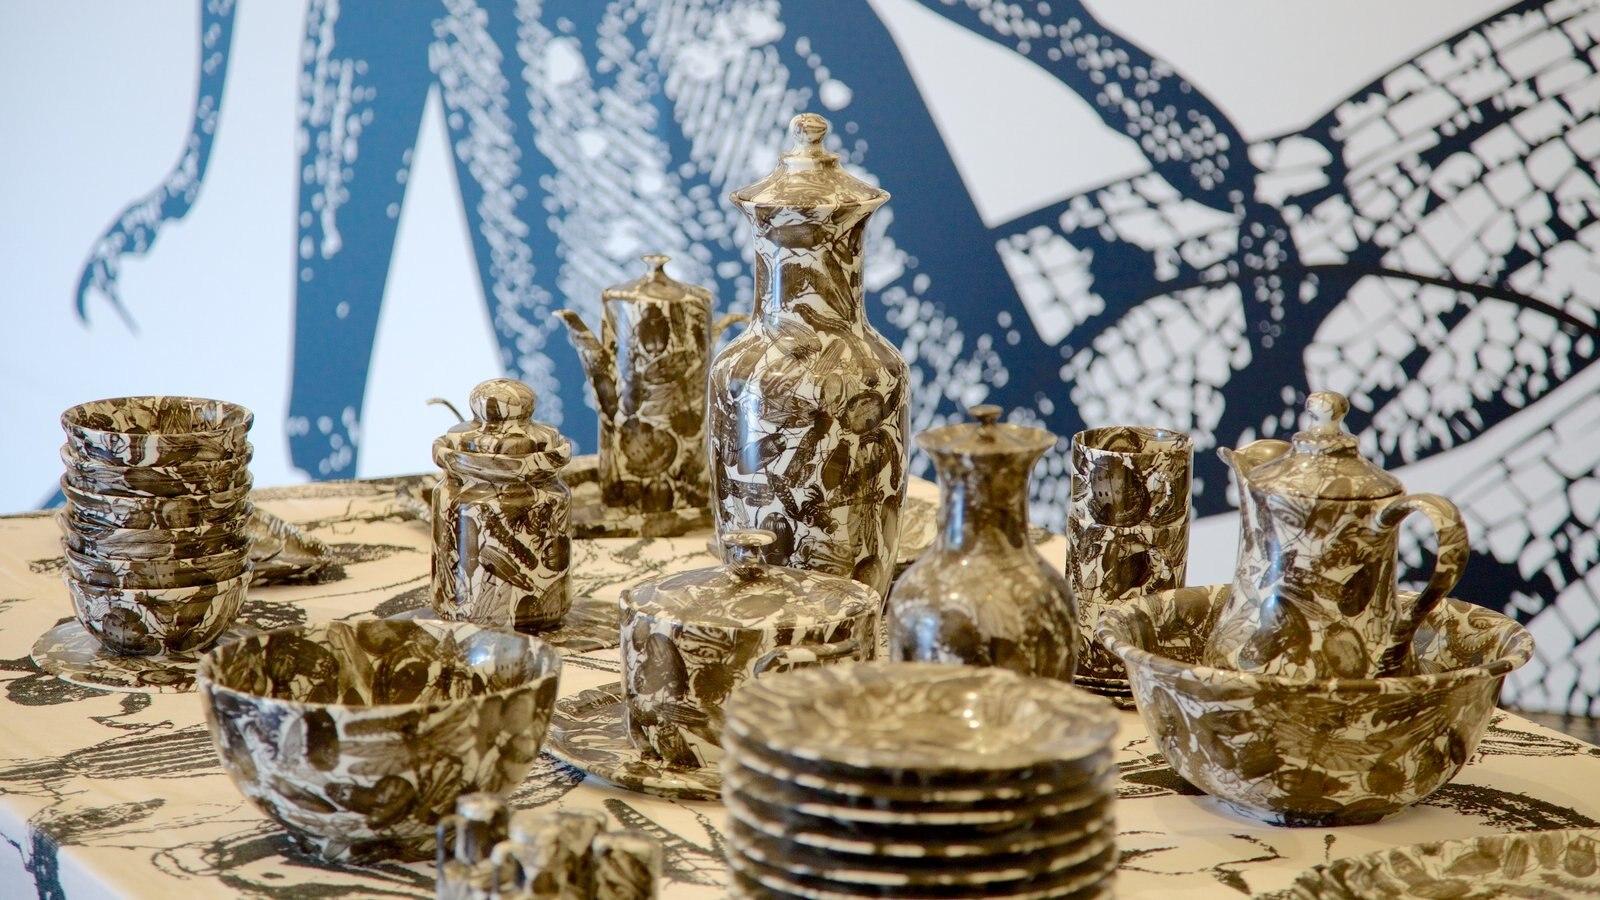 Museu de Arte Moderna que inclui arte e vistas internas